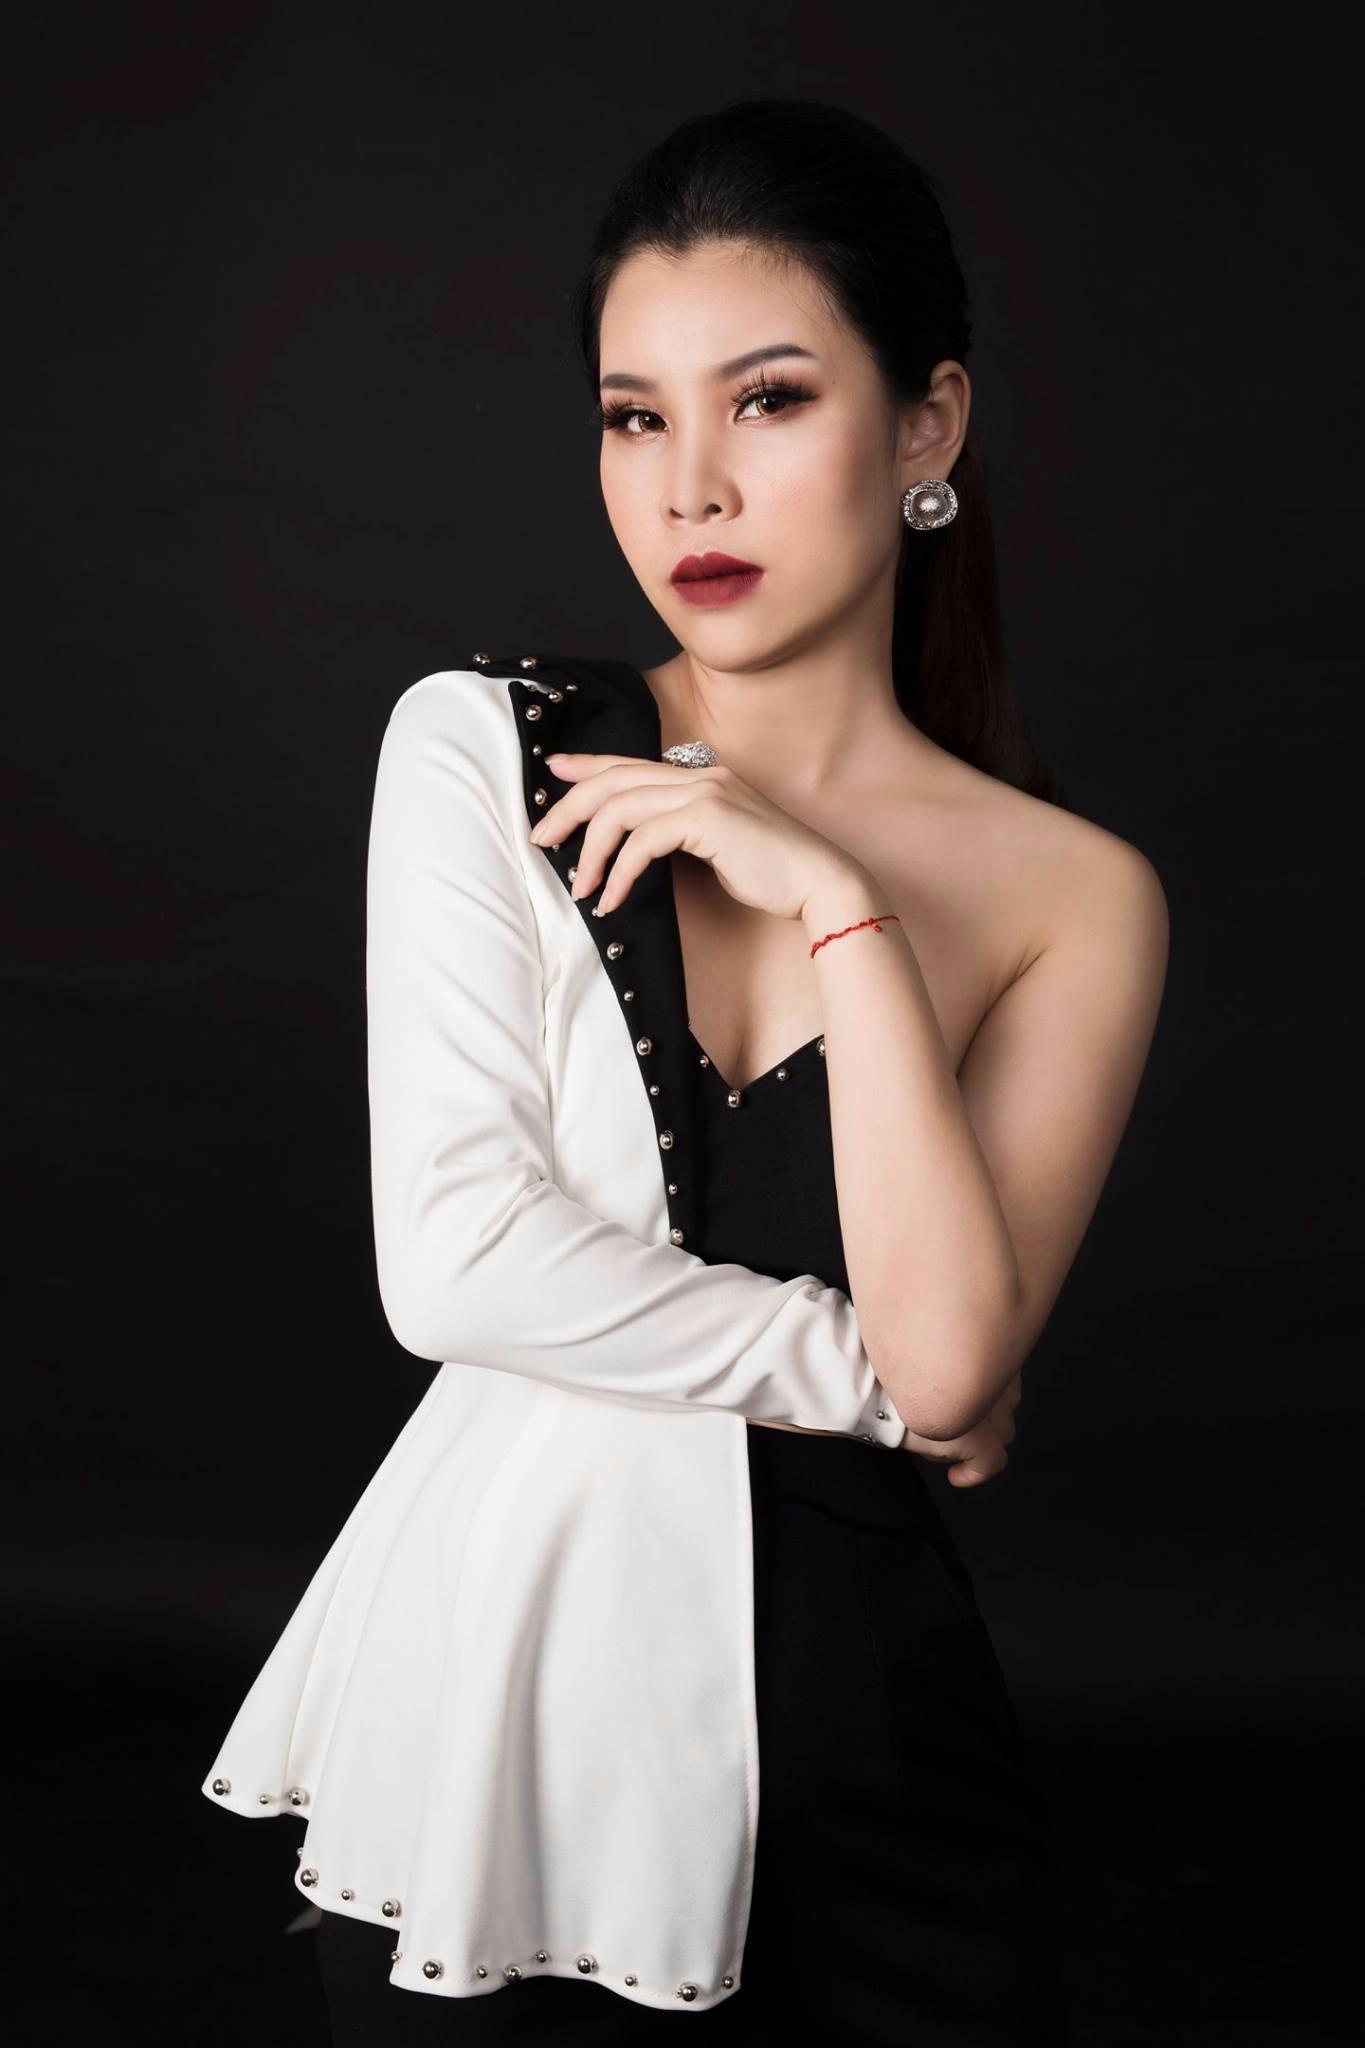 Q-Lady – Thương hiệu mỹ phẩm Việt được ưa chuộng hiện nay - Ảnh 1.